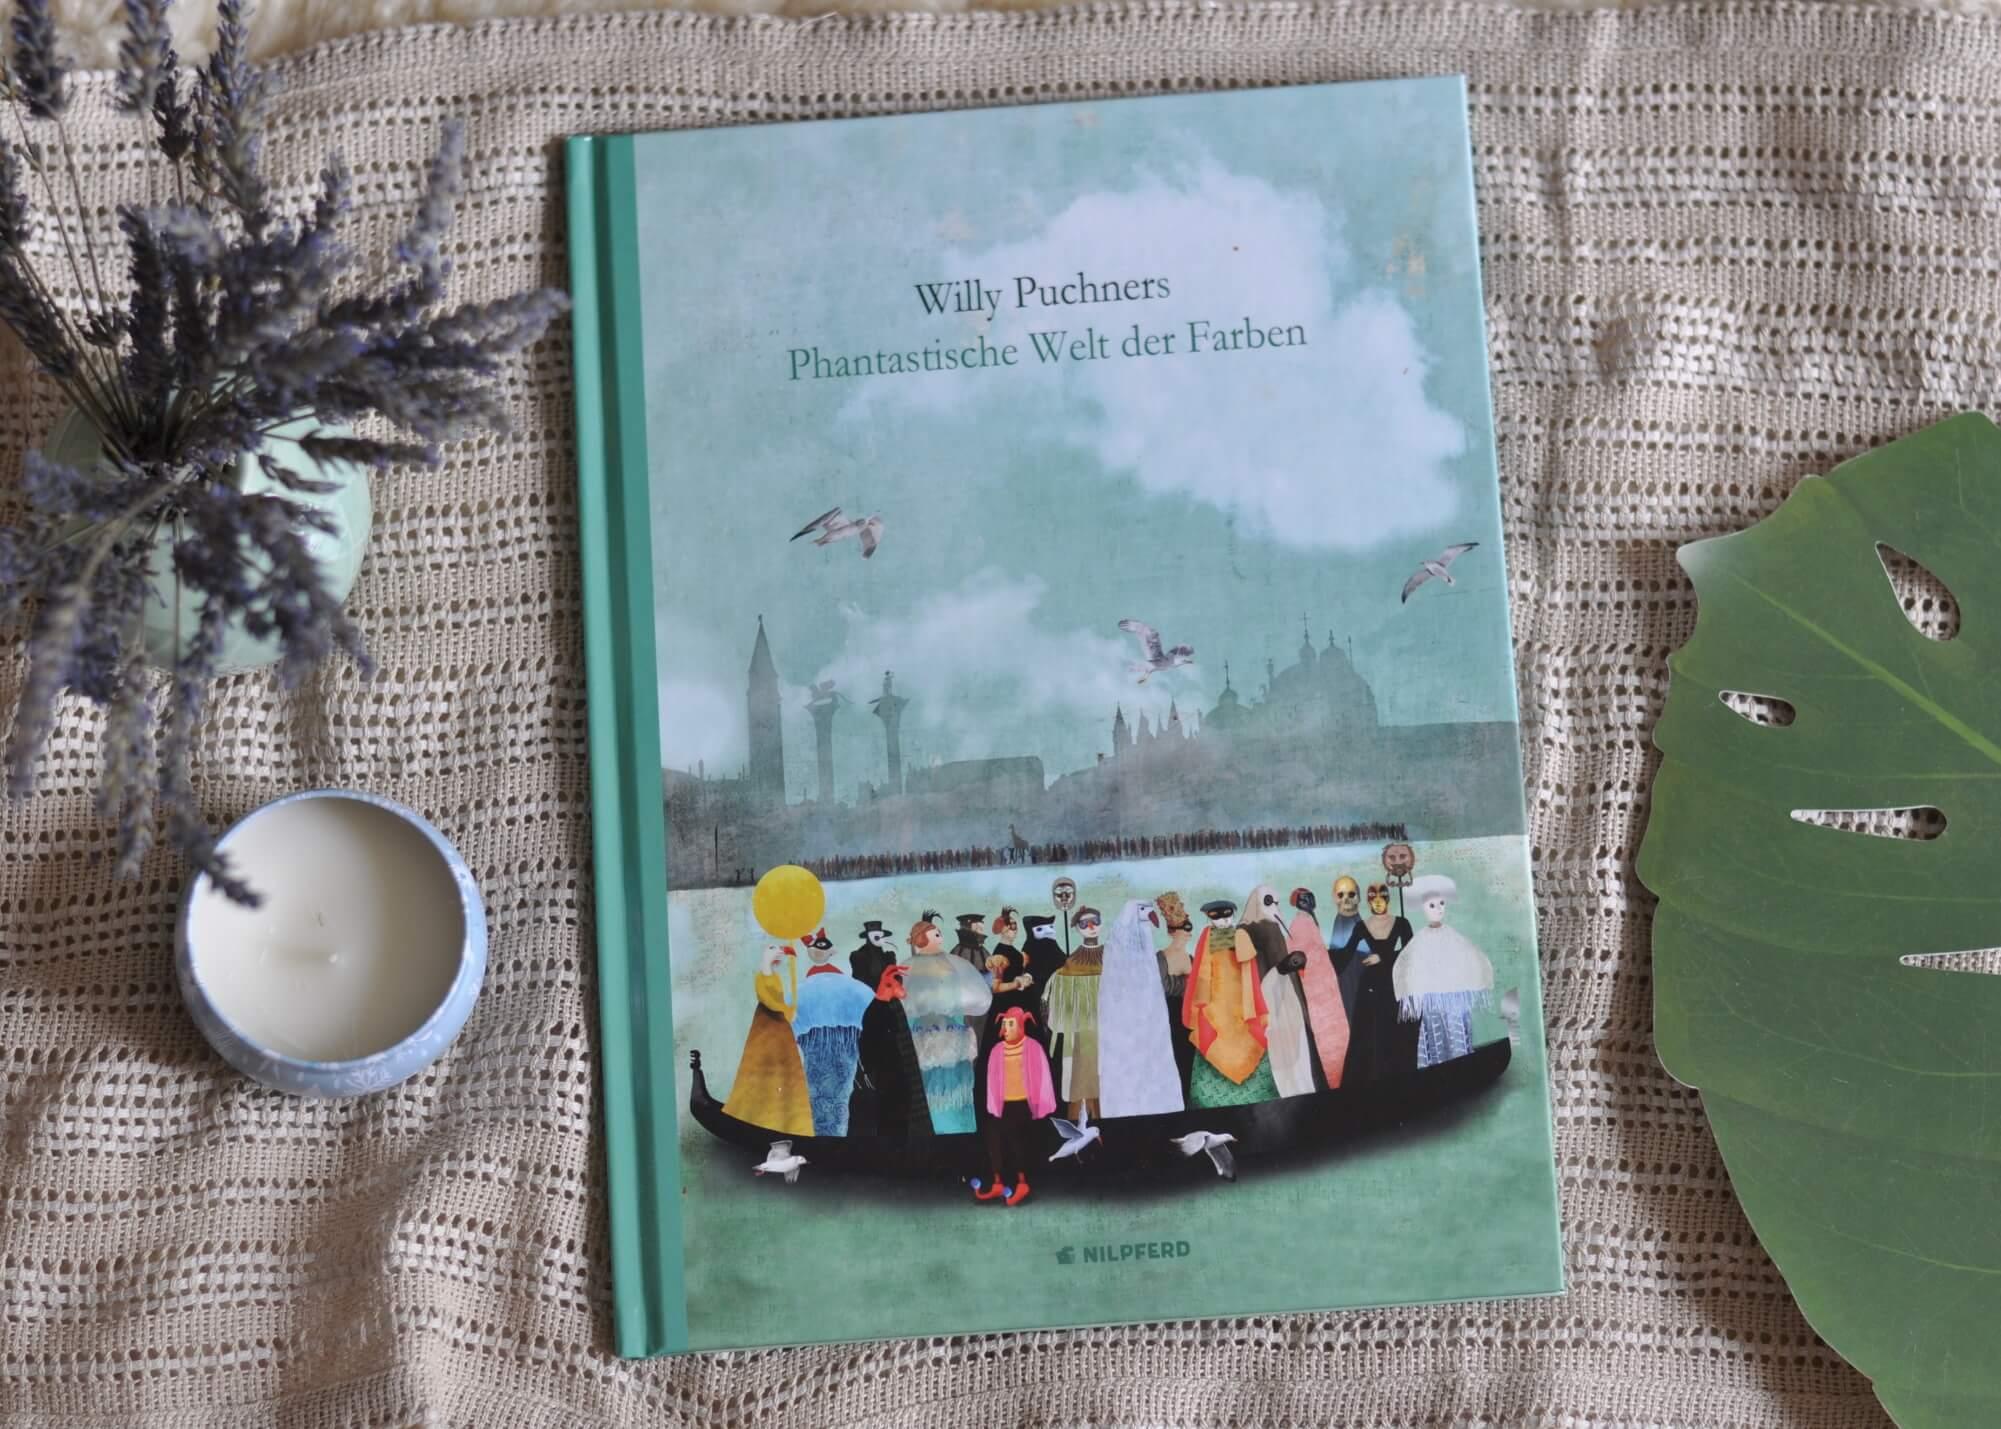 Die Farben der Wege, die Farben von China oder die Farben des Regens - Willy Puchner sammelt wundervolle Farbpaletten und Collagen aus der ganzen Welt. Dabei gibt es auf jeder Seite so viel zu entdecken - und zwar nicht nur für Kinder, sondern auch für Erwachsene. #bilderbuch #farben #farbpalette #detail #reisen #fernweh #kinder